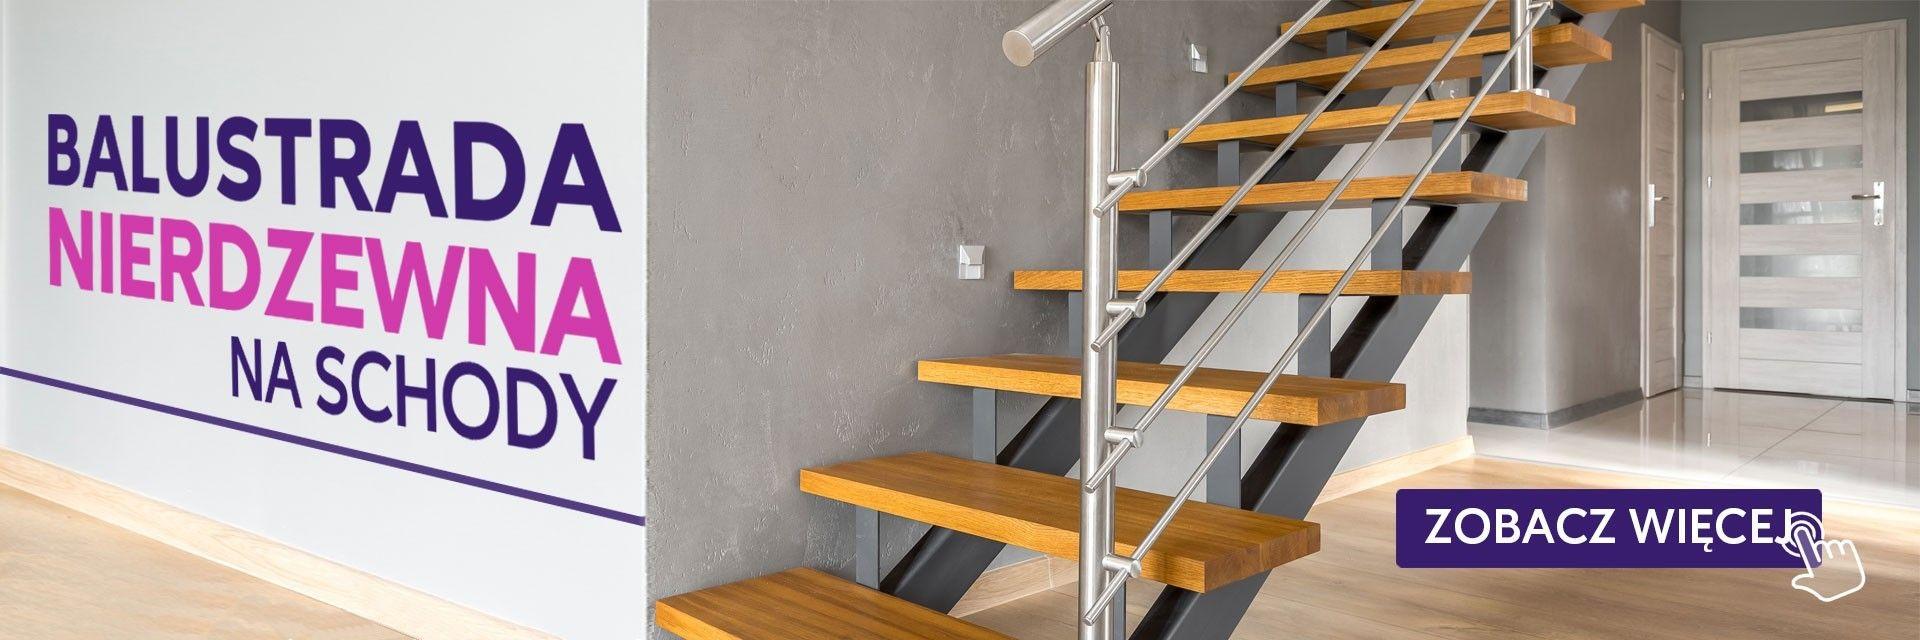 balustrada nierwdzewna na schody